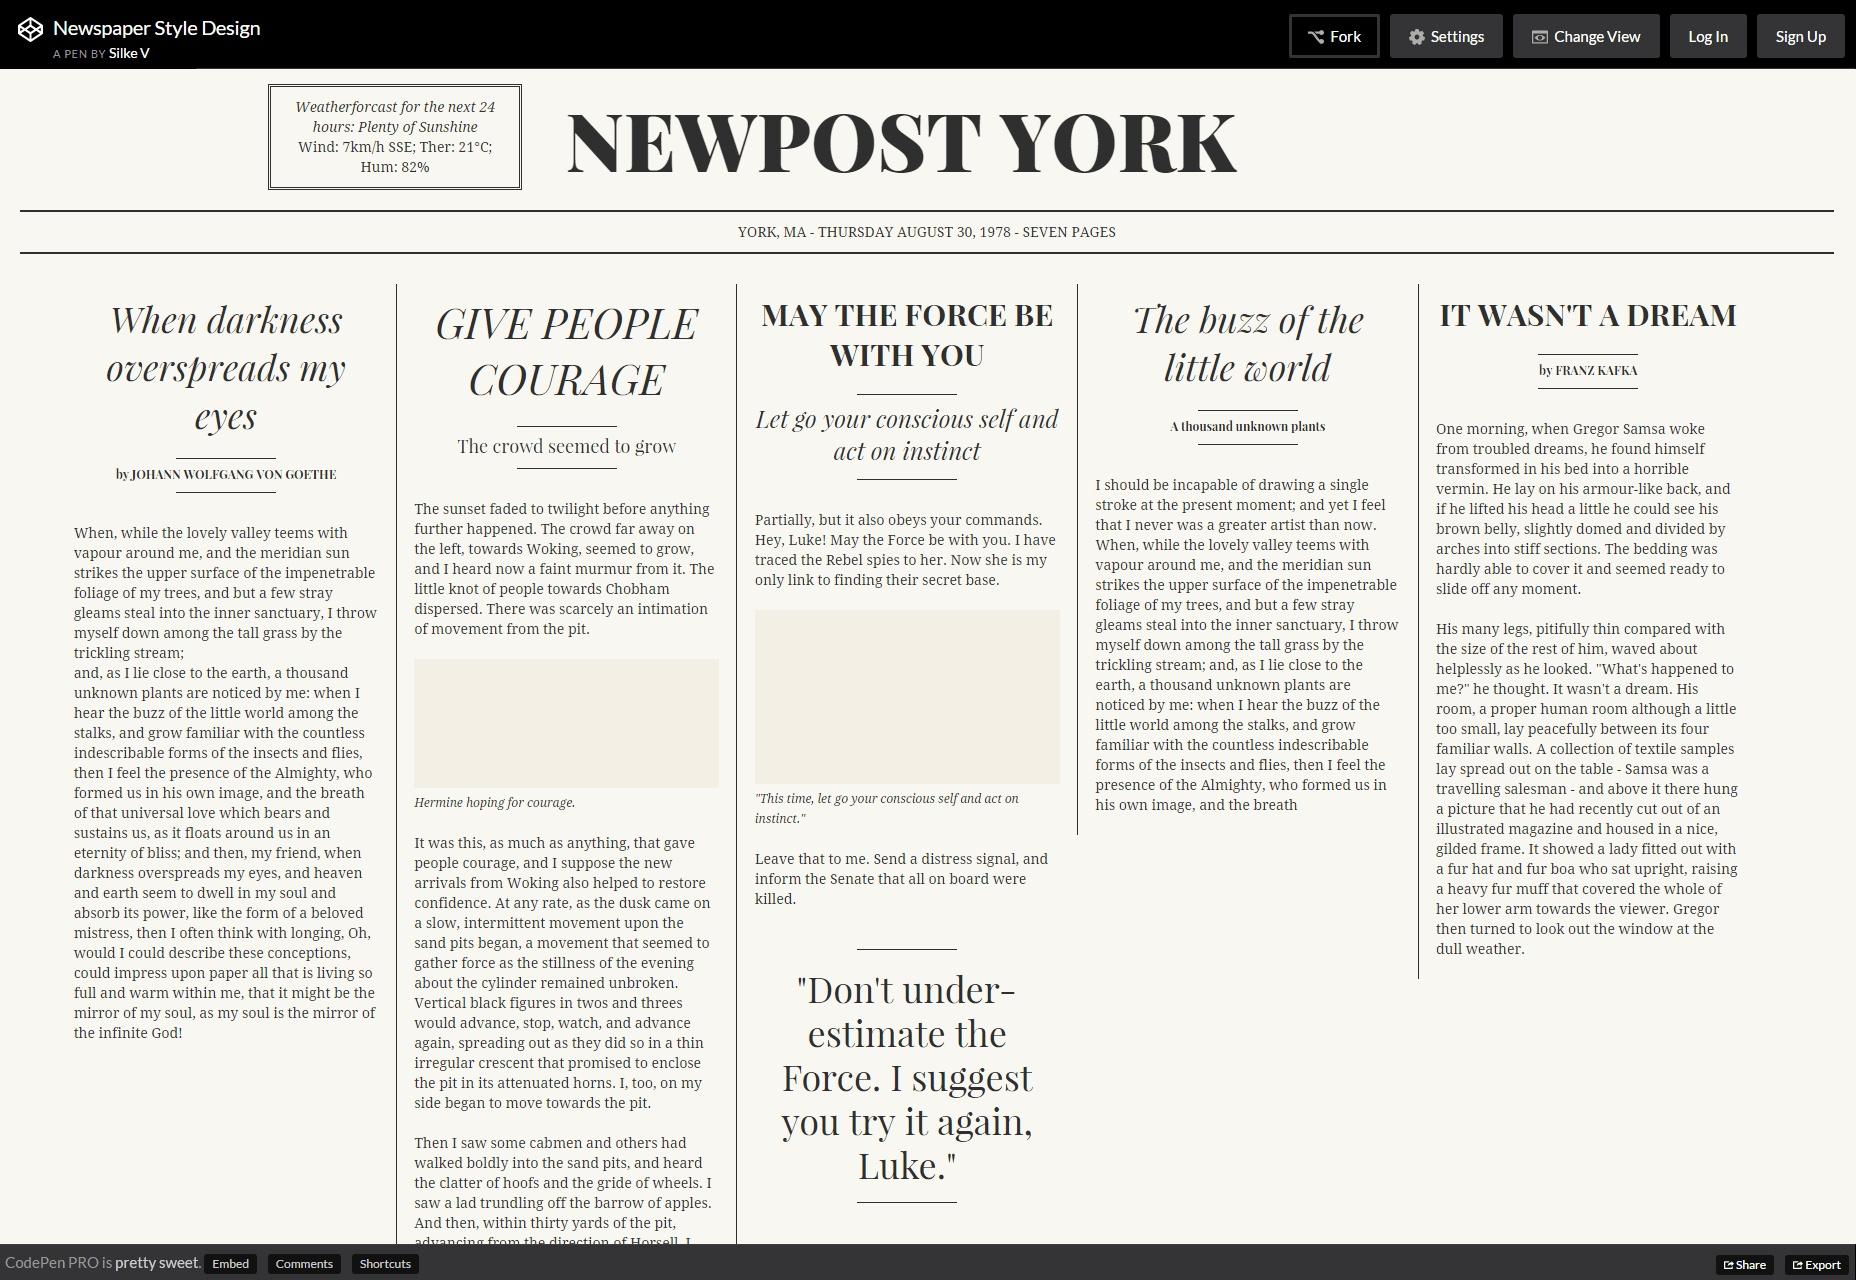 Diseño de estilo de periódico